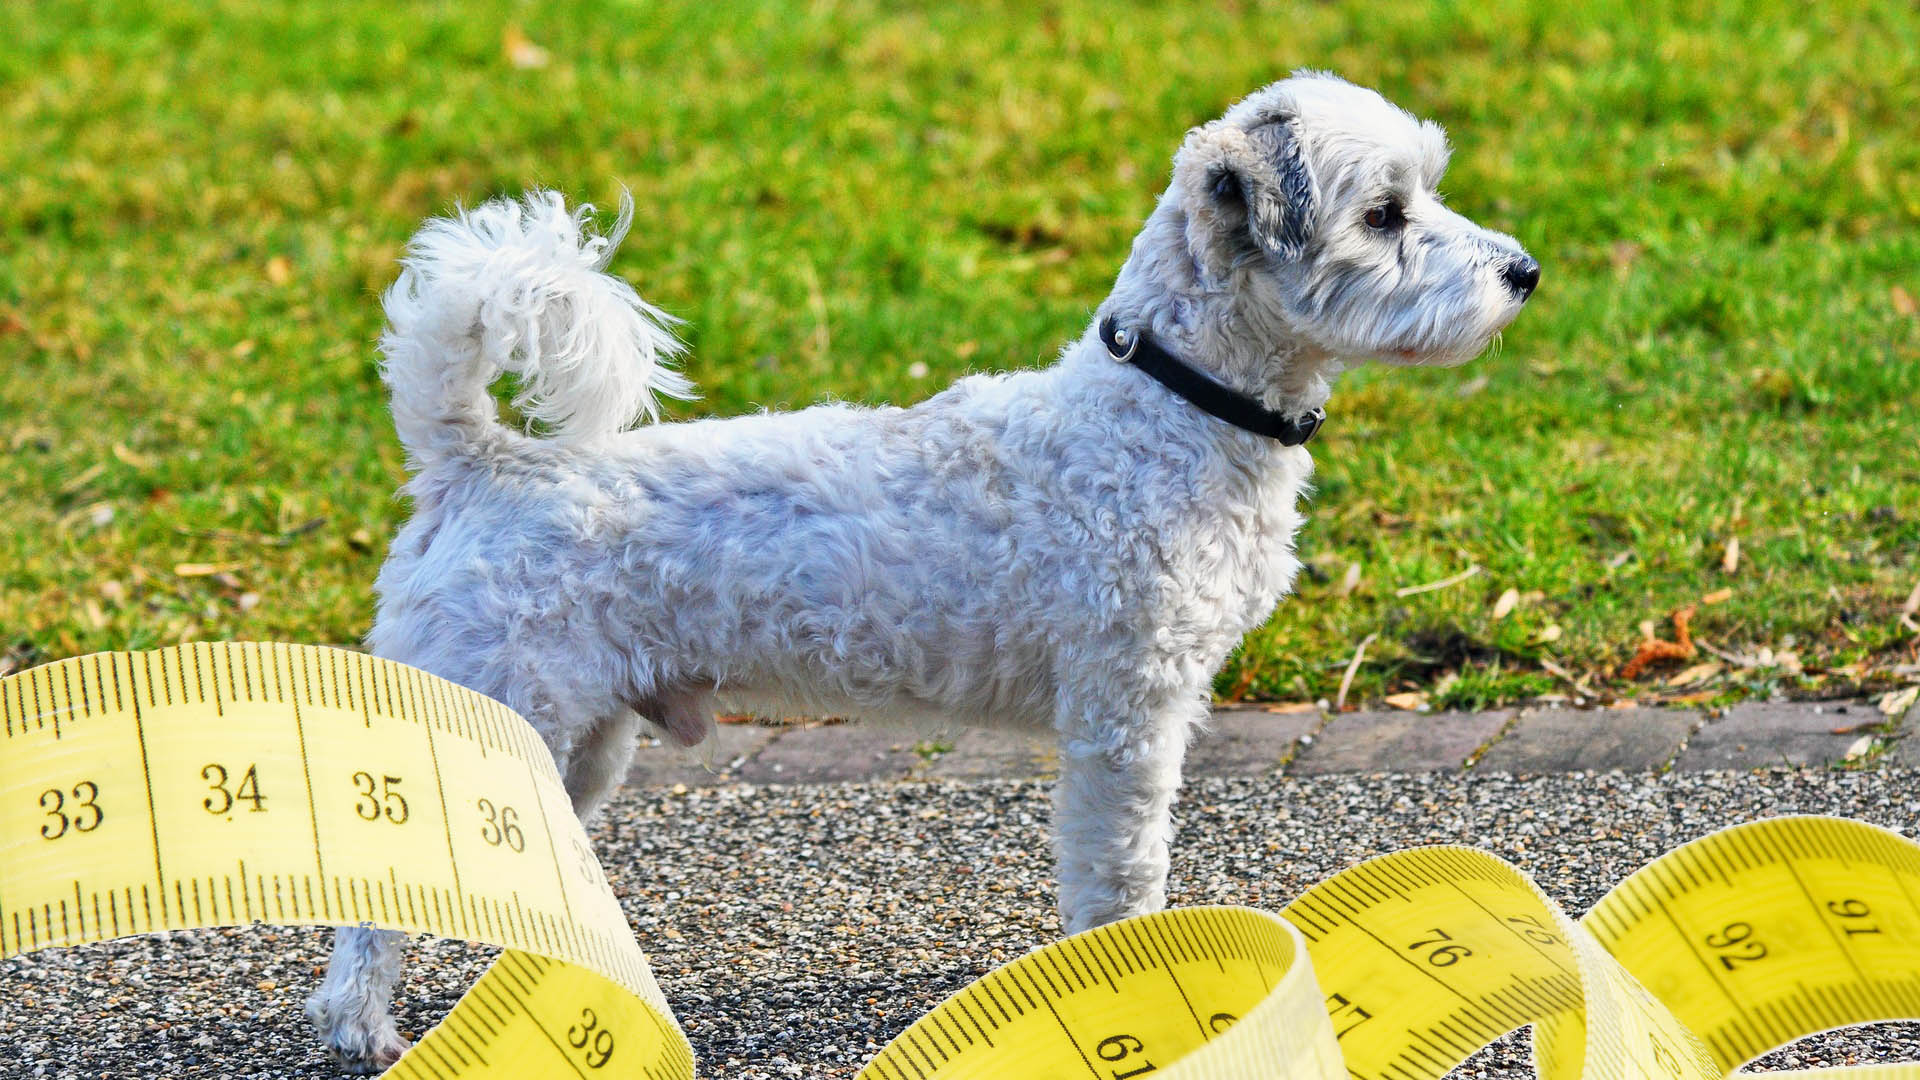 Jak měřit psa